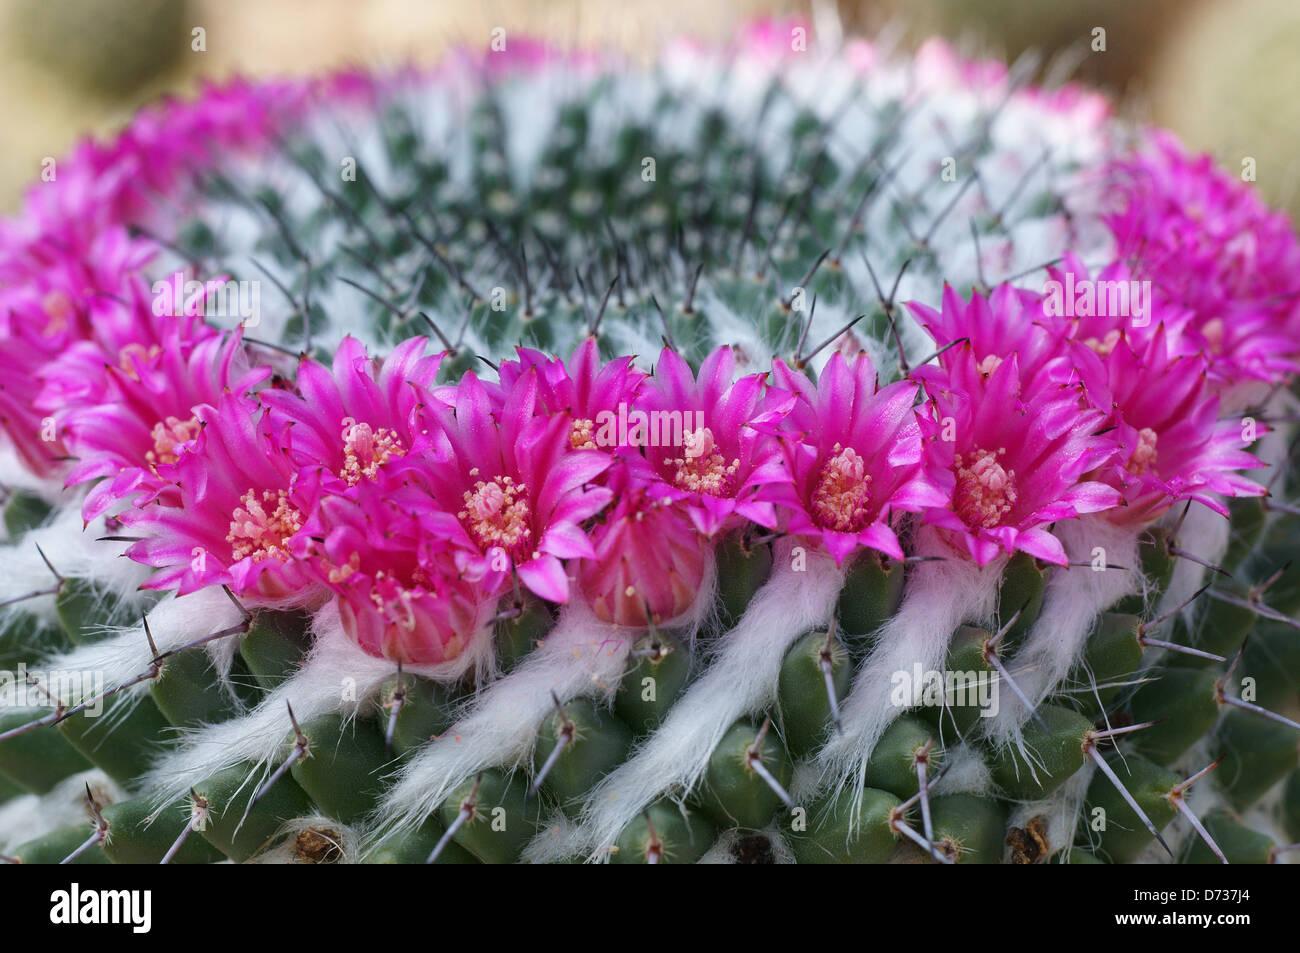 Cactus Mammillaria mammillaria sempervivi flowers close up - Stock Image